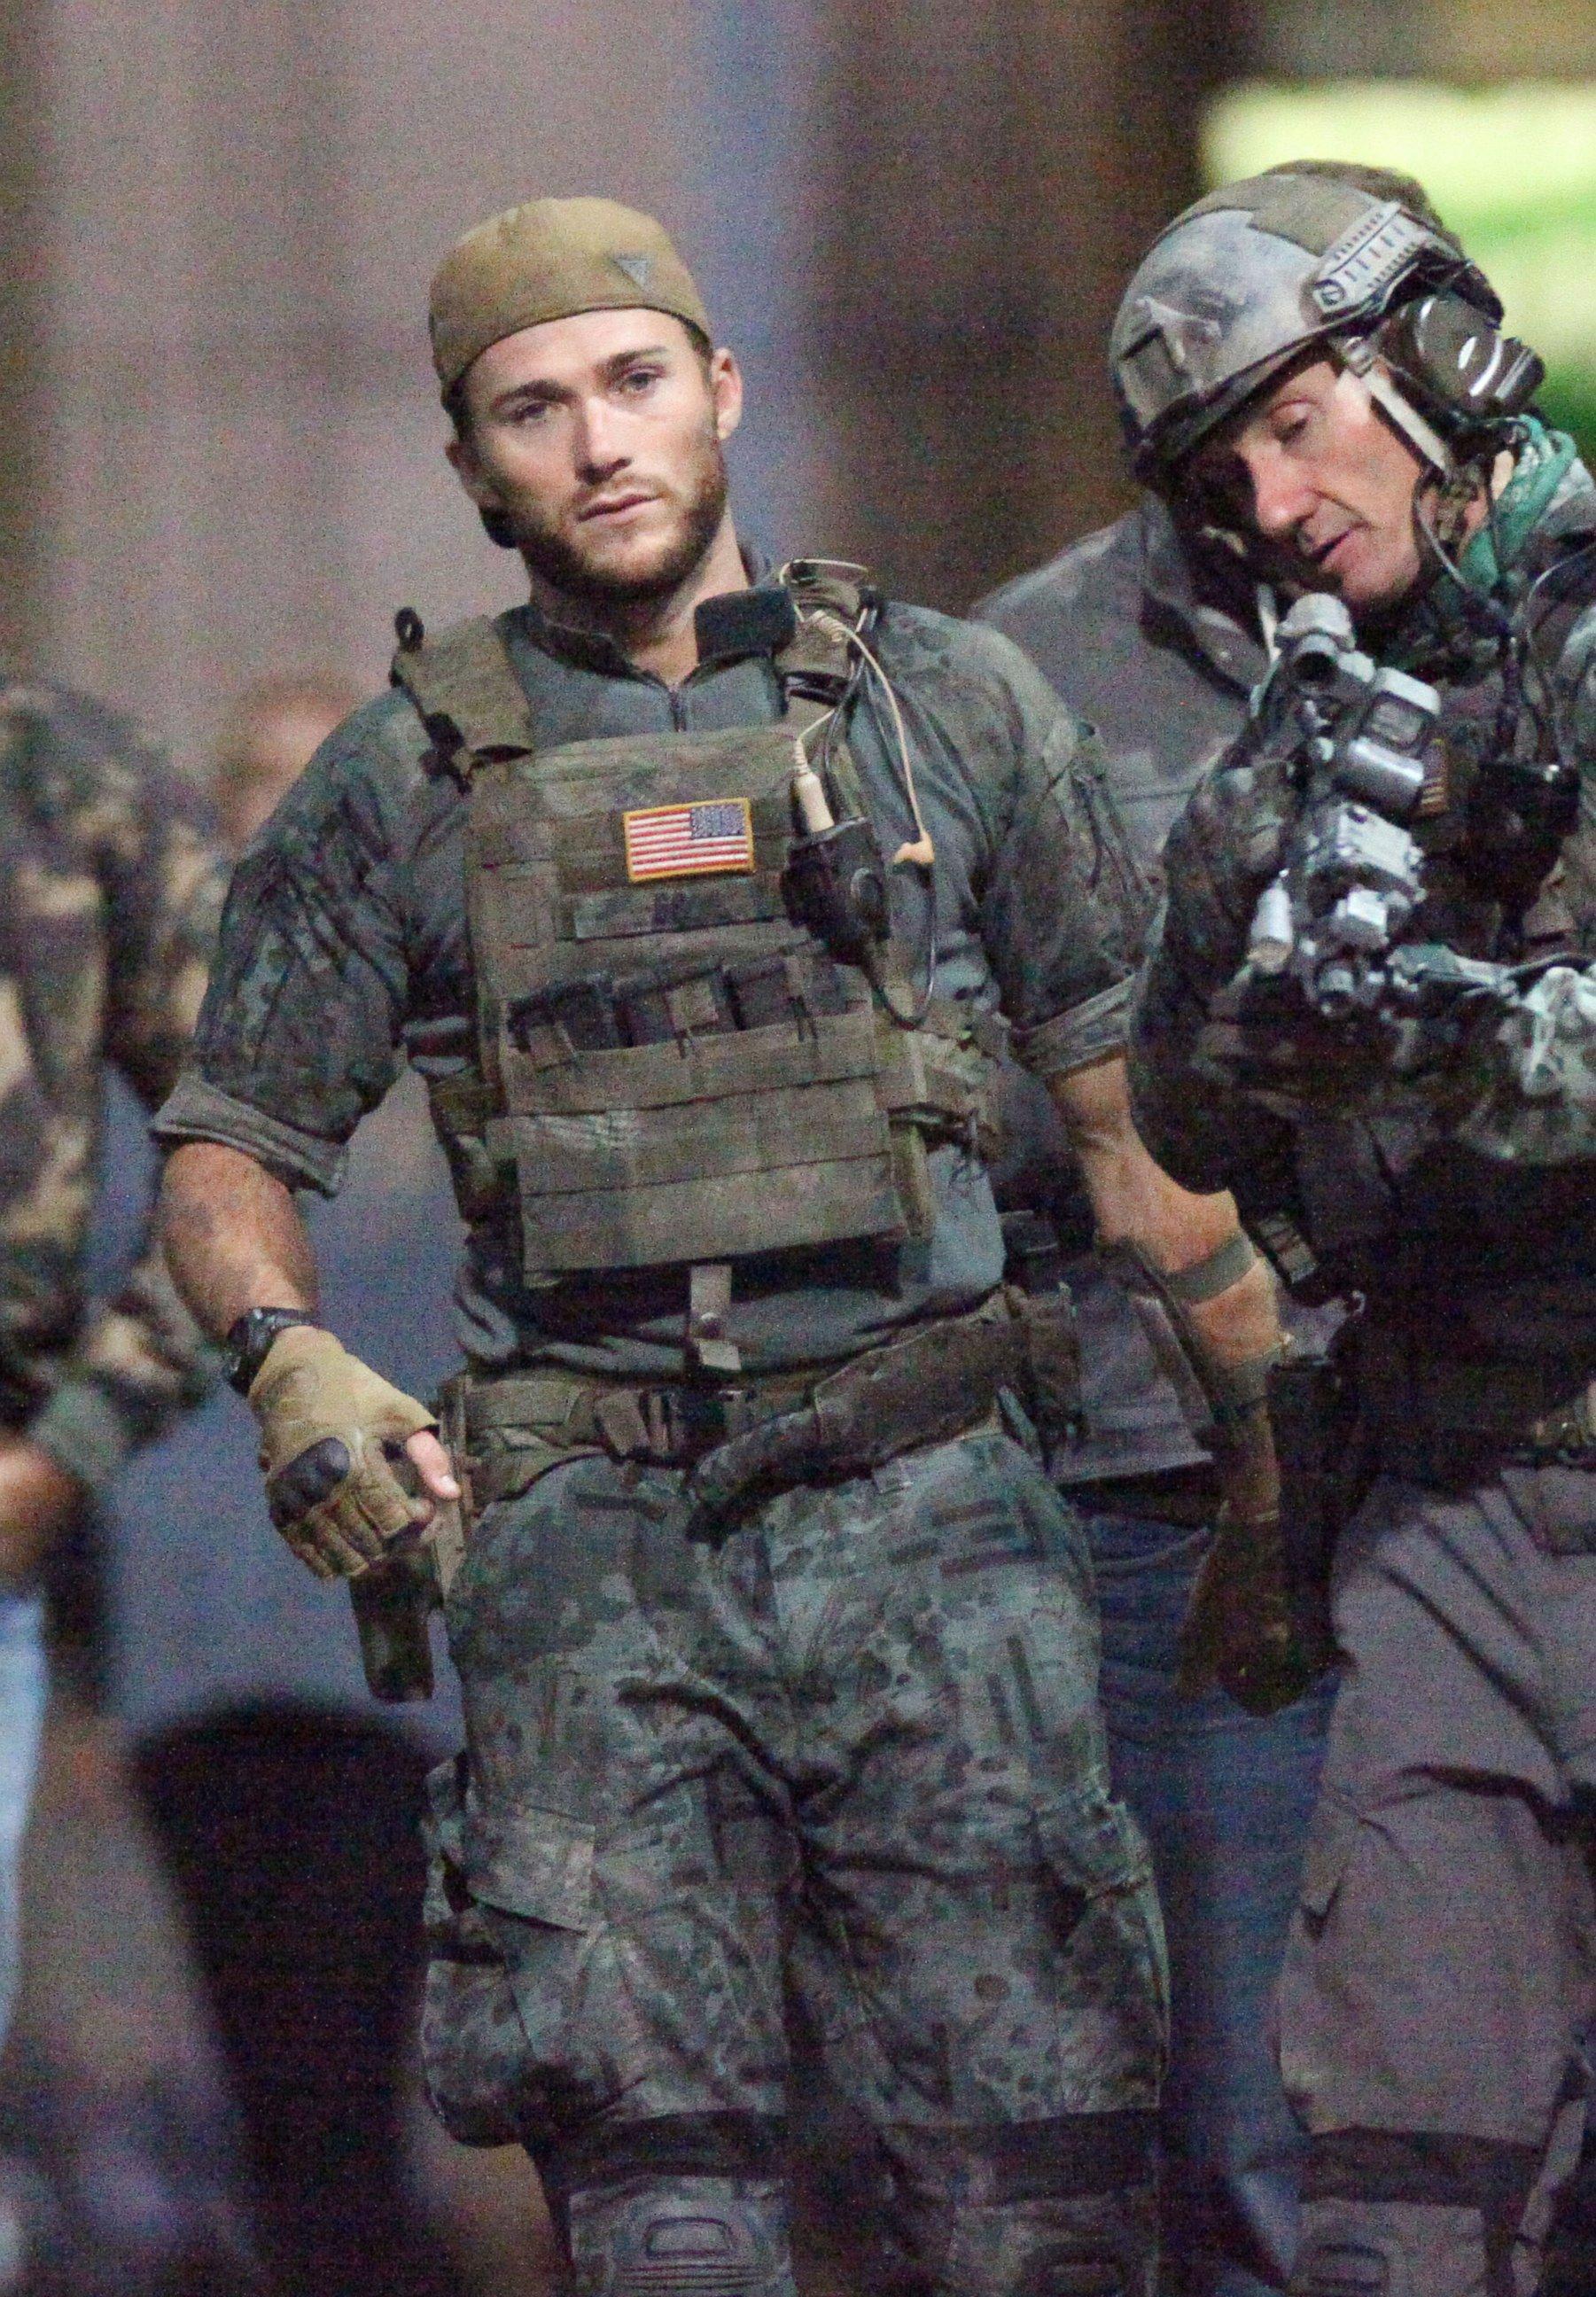 Scott Eastwood Films Suicide Squad